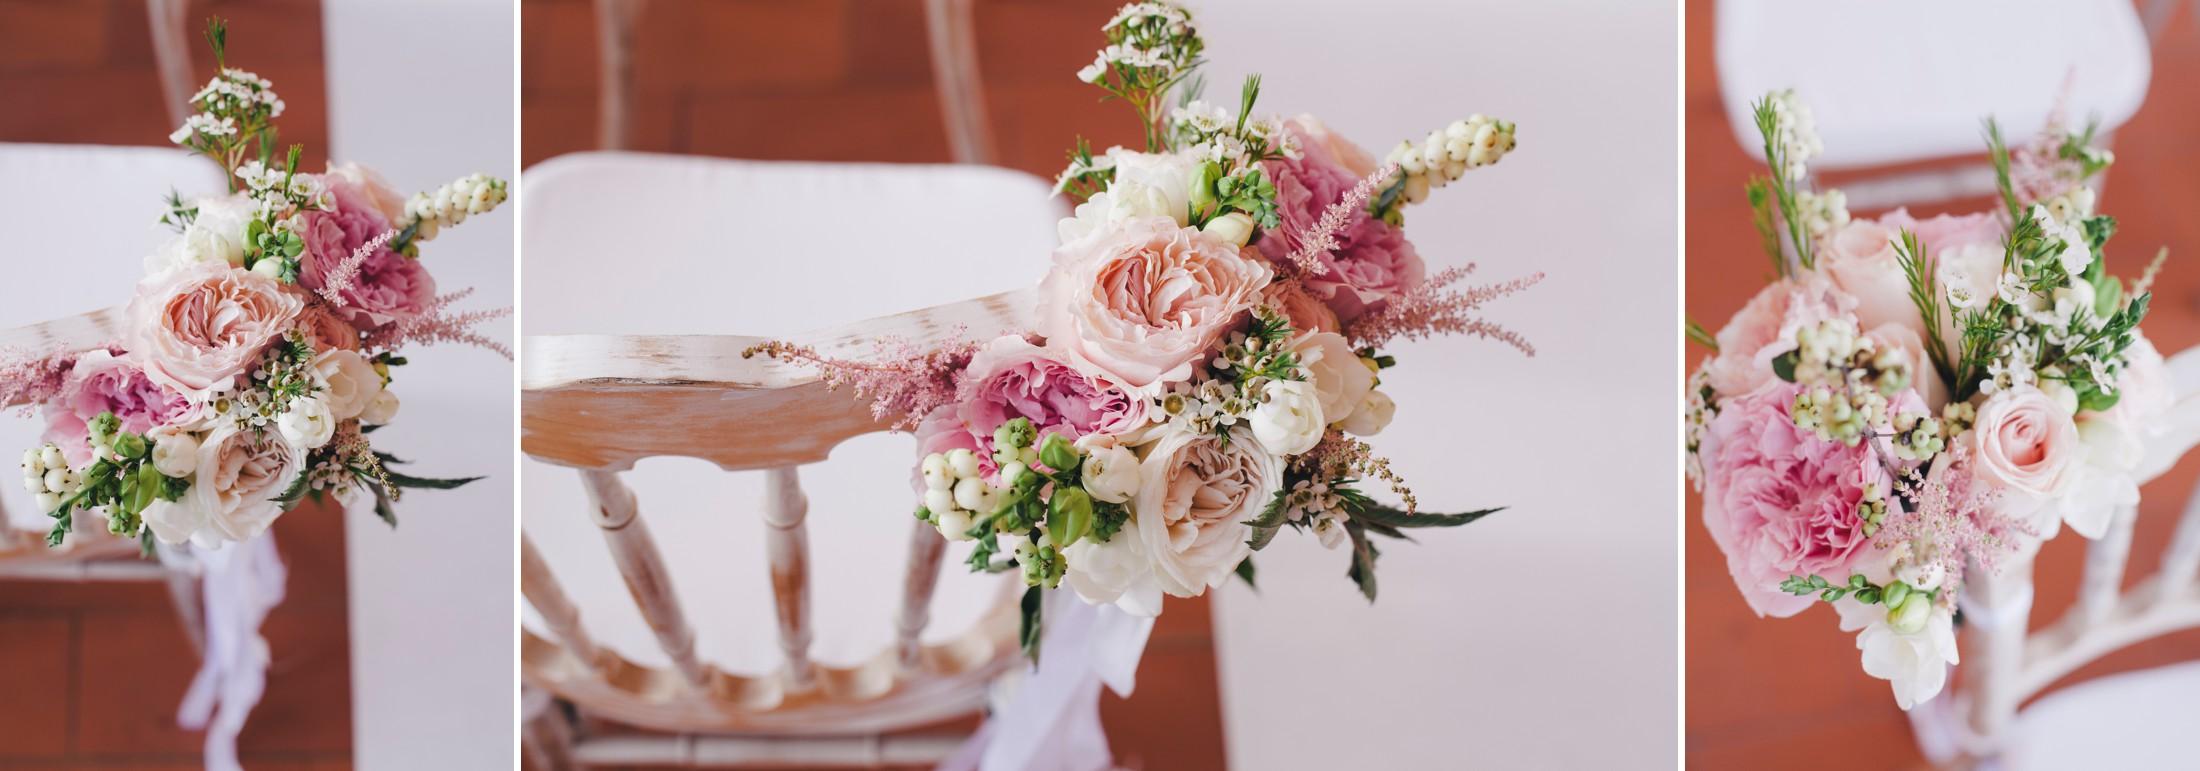 collage wedding flower decor